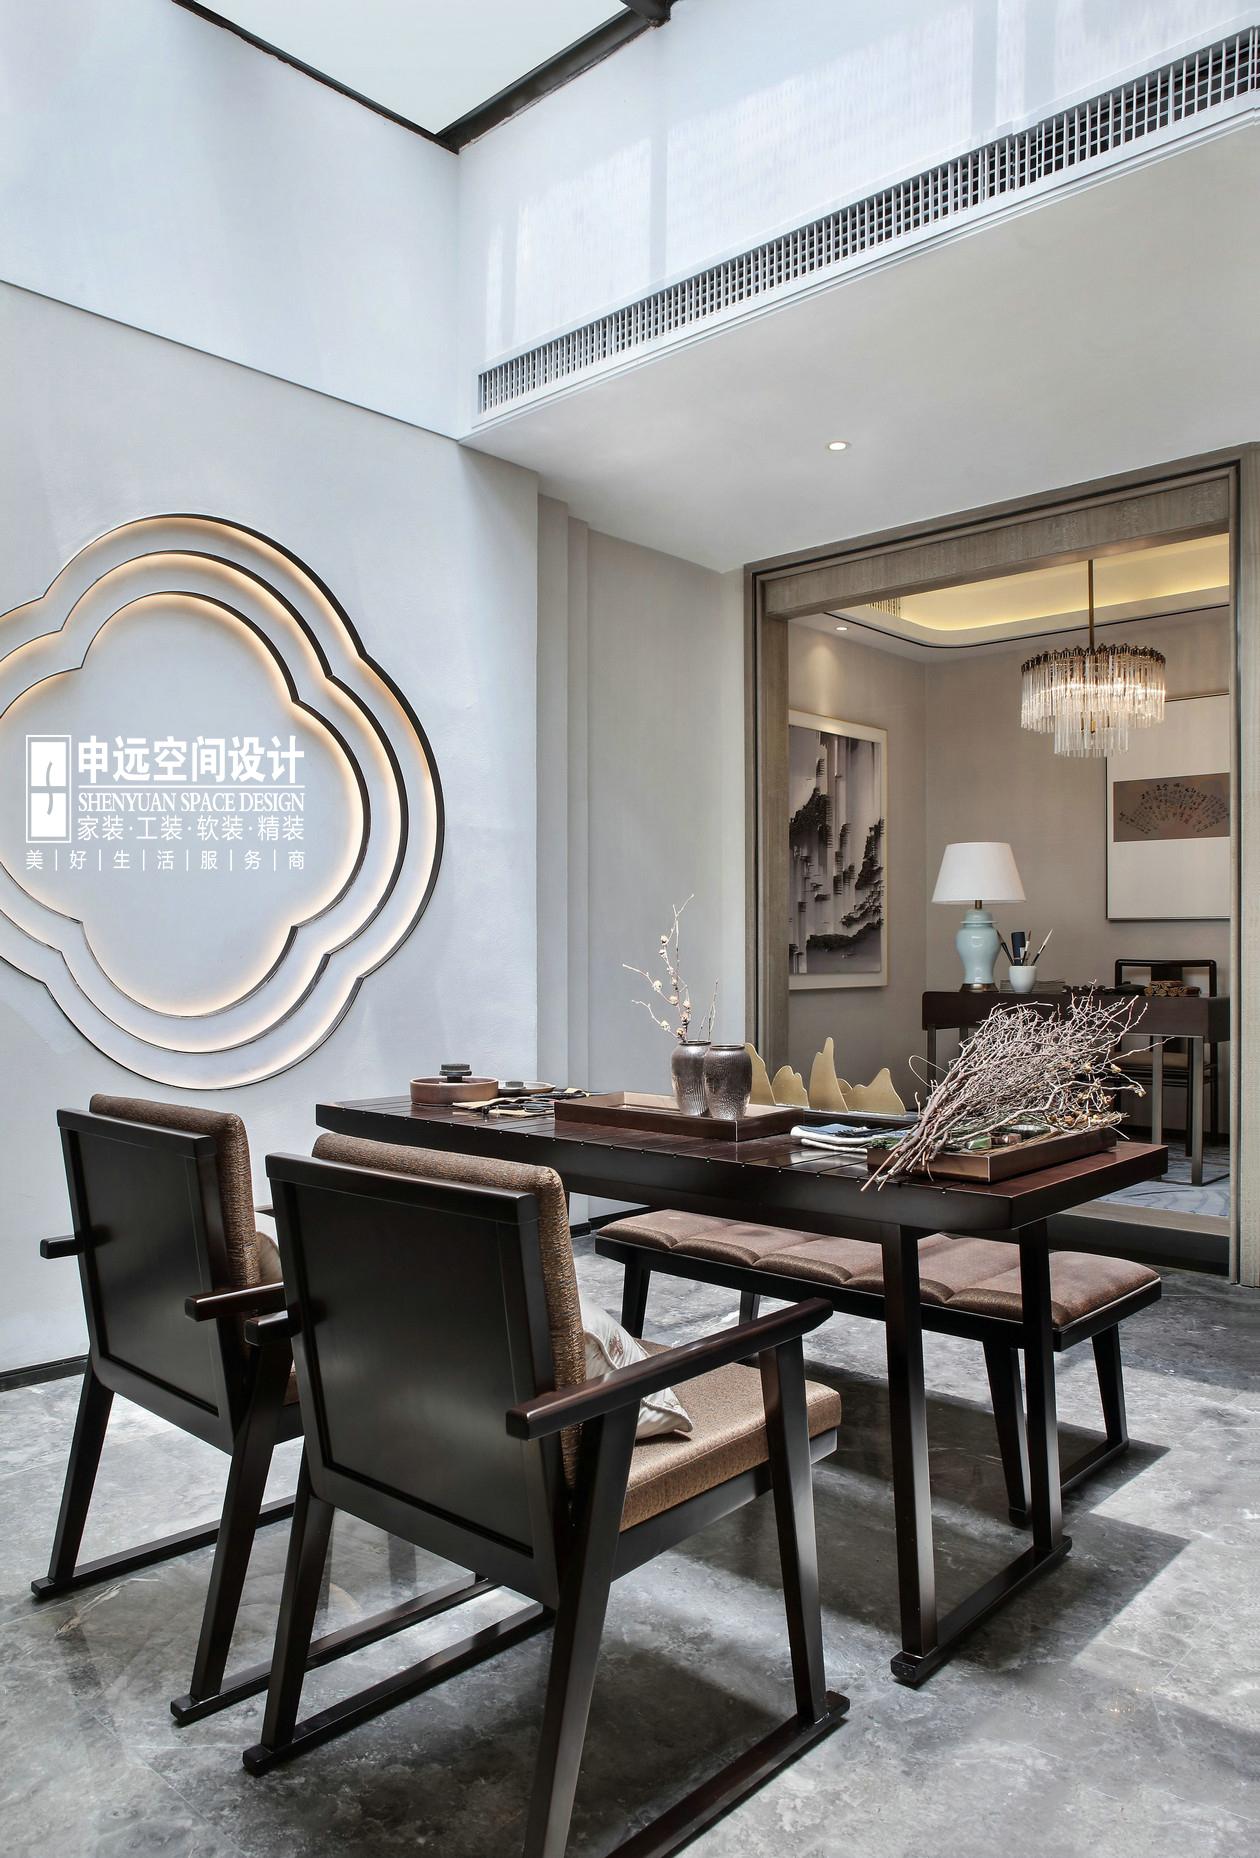 别墅 北京申远 申远设计 新中式 餐厅图片来自申远空间设计北京分公司在北京申远空间设计-新中式风格的分享